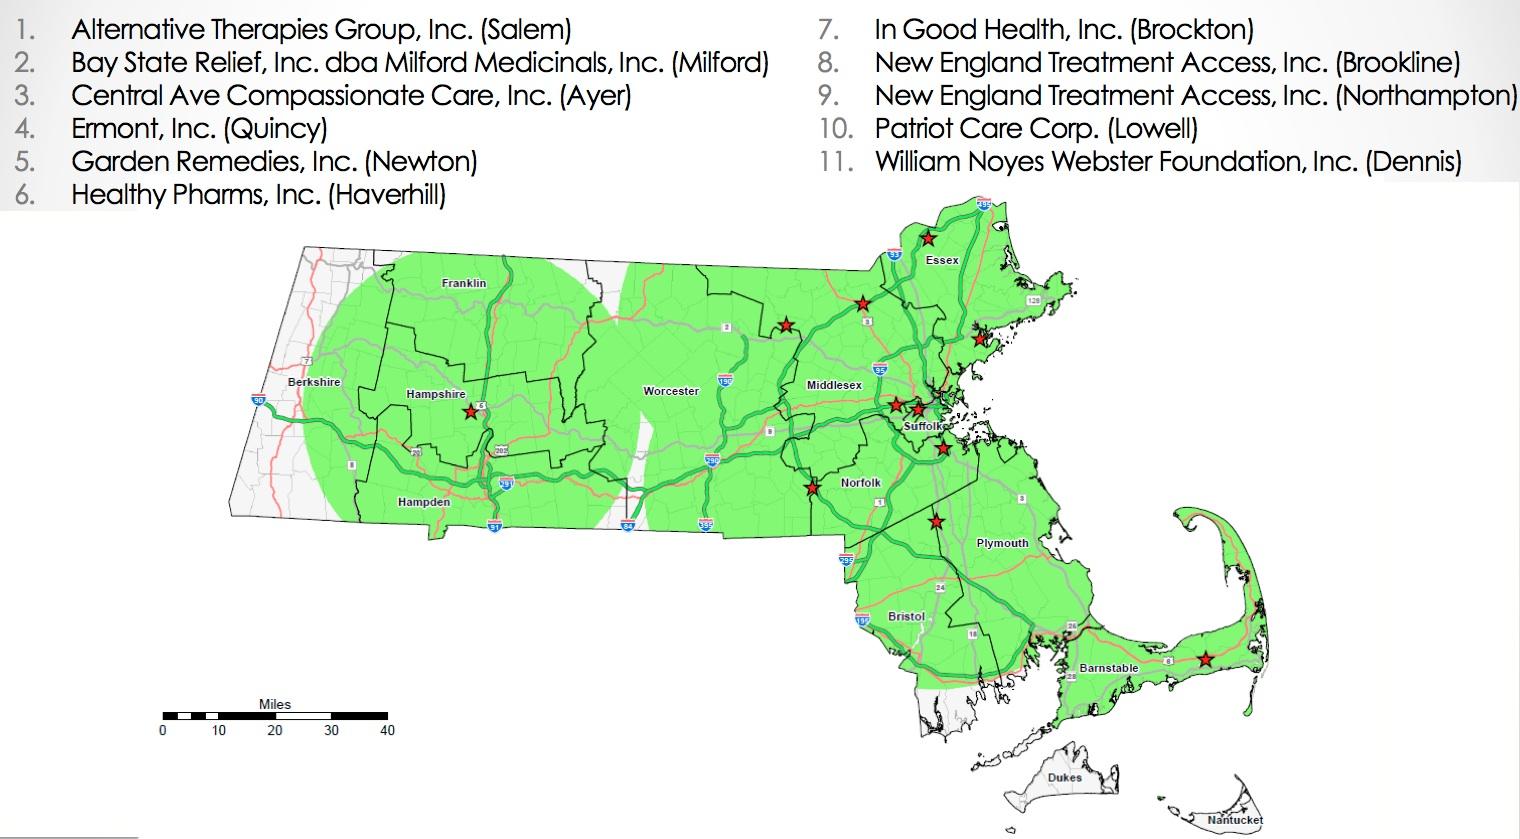 Image via Department of Public Health